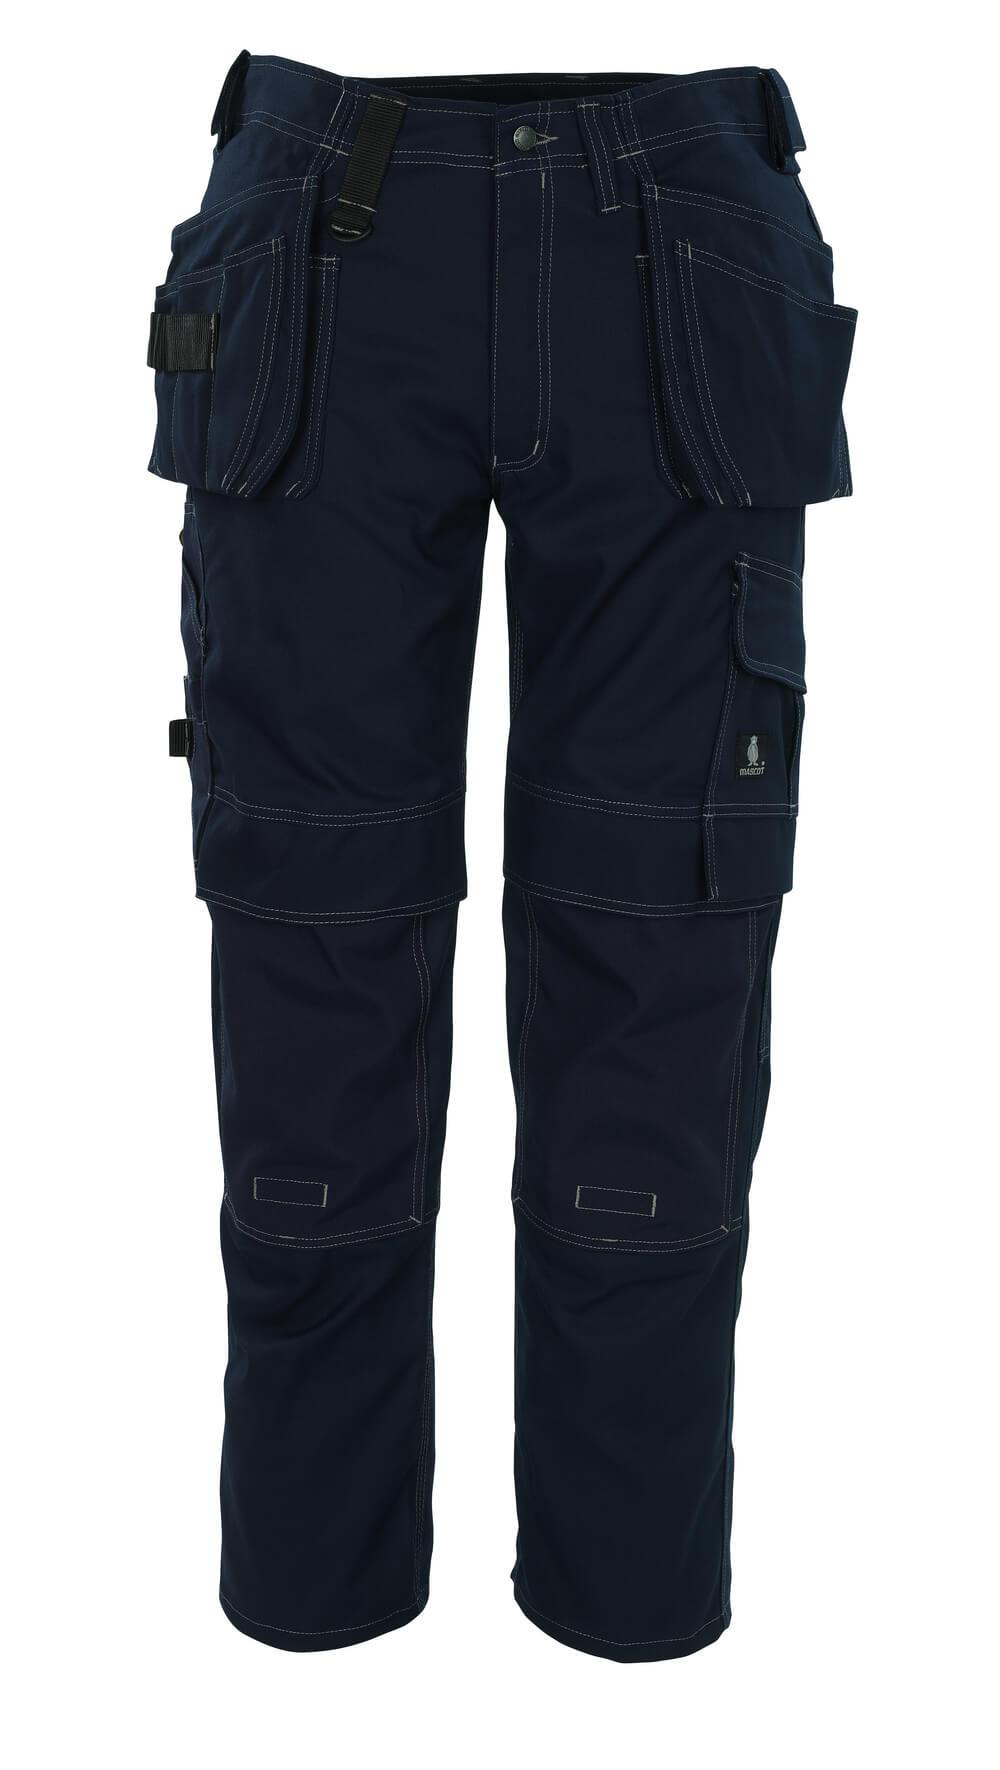 08131-010-01 Broek met spijkerzakken - marine